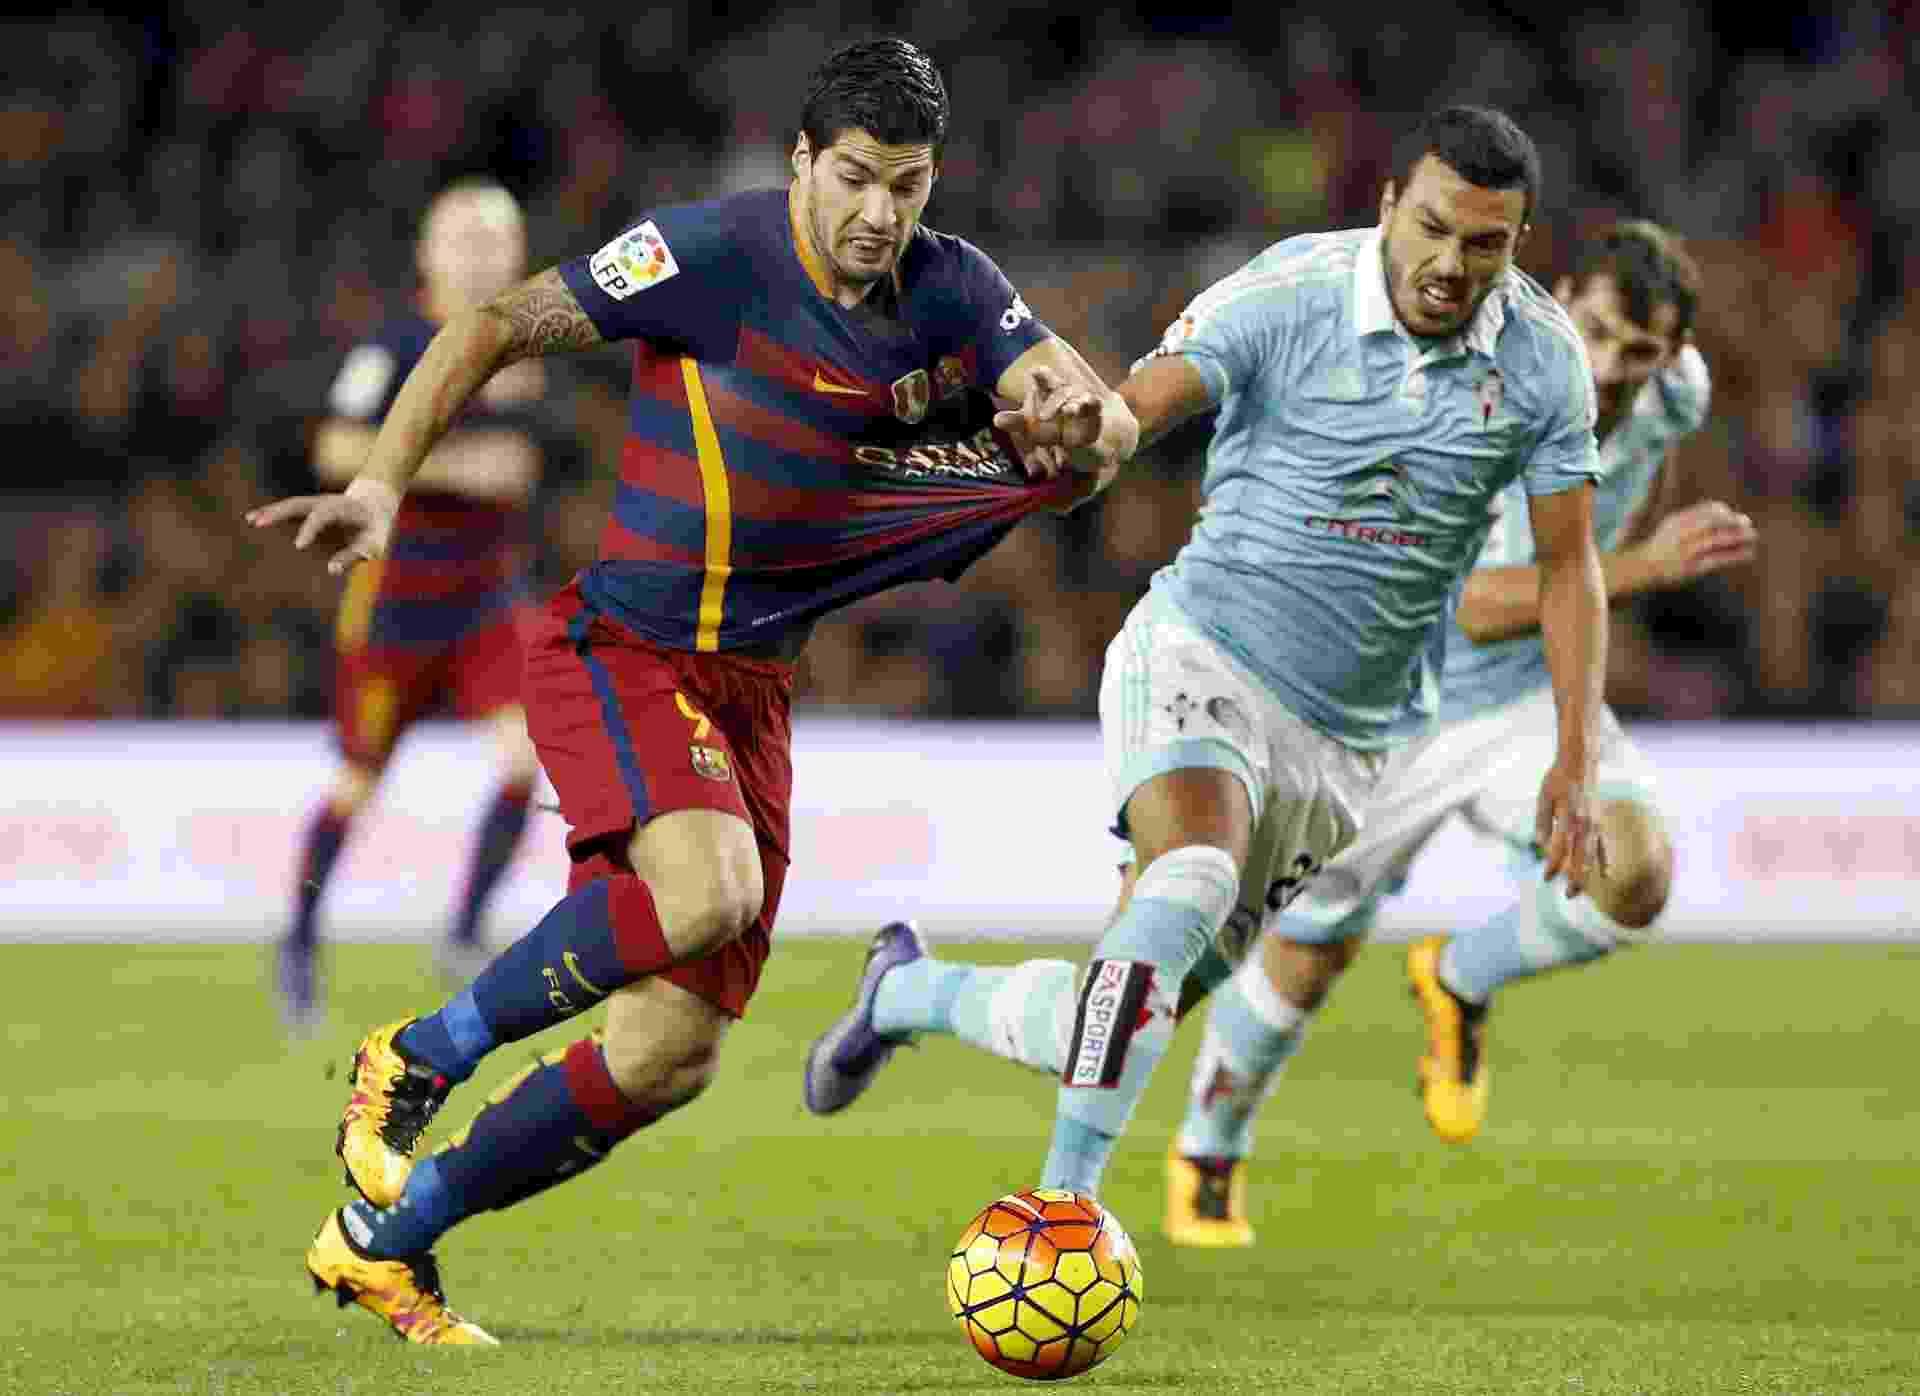 Suárez tenta carregar a bola, mas é pressionado pela marcação do Celta em jogo válido pelo Campeonato Espanhol - EFE/Andreu Dalmau